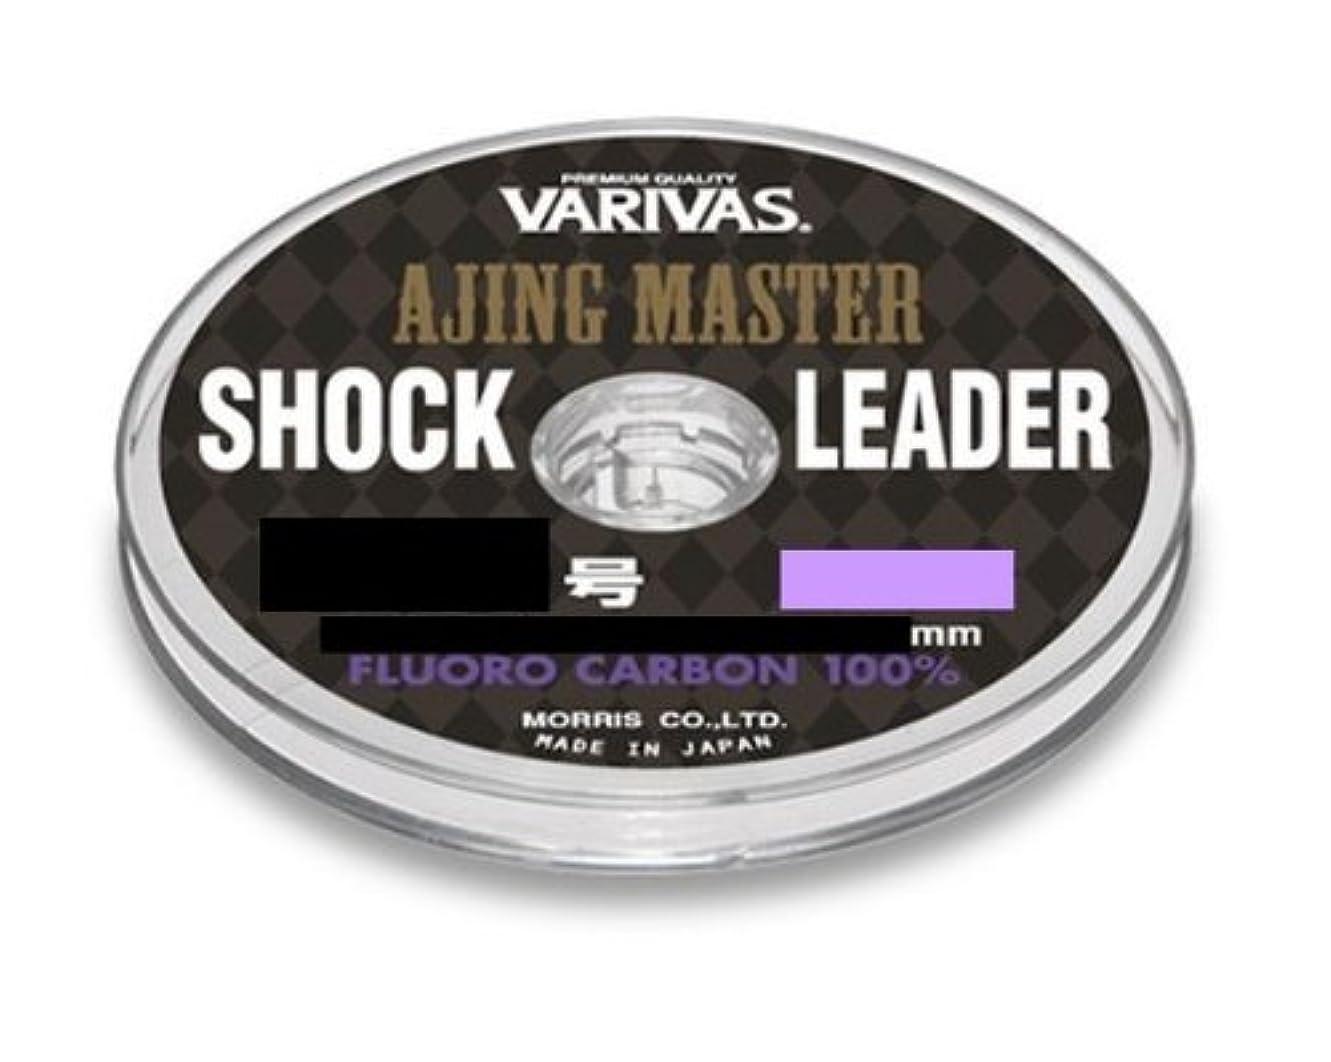 秘書測定可能じゃないVARIVAS(バリバス) ショックリーダー アジングマスター フロロカーボン 30m